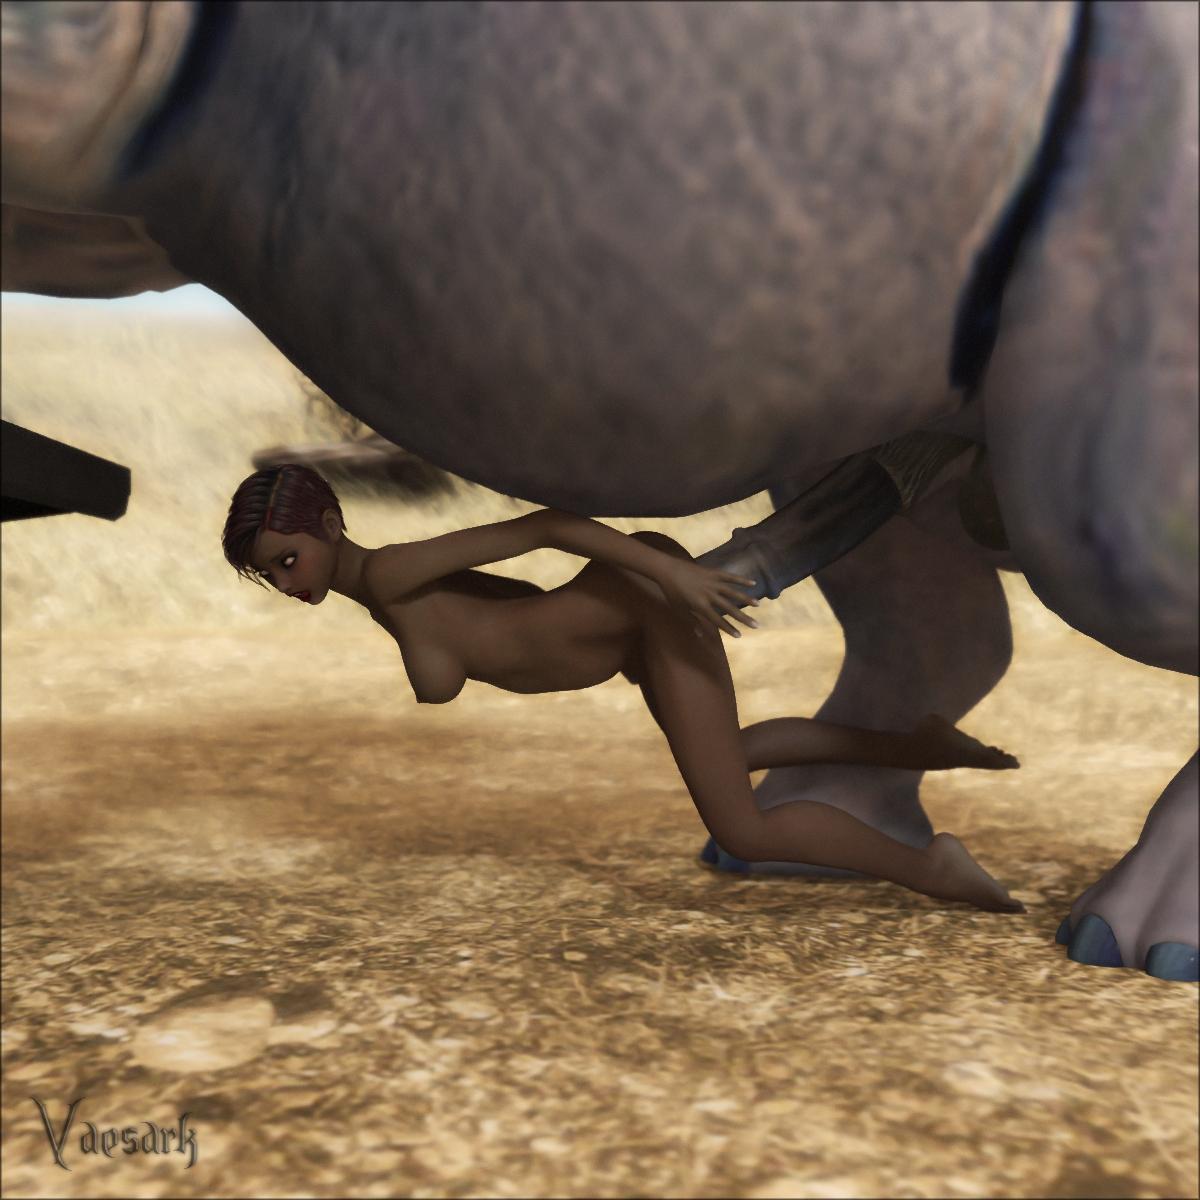 Xxx video elephant